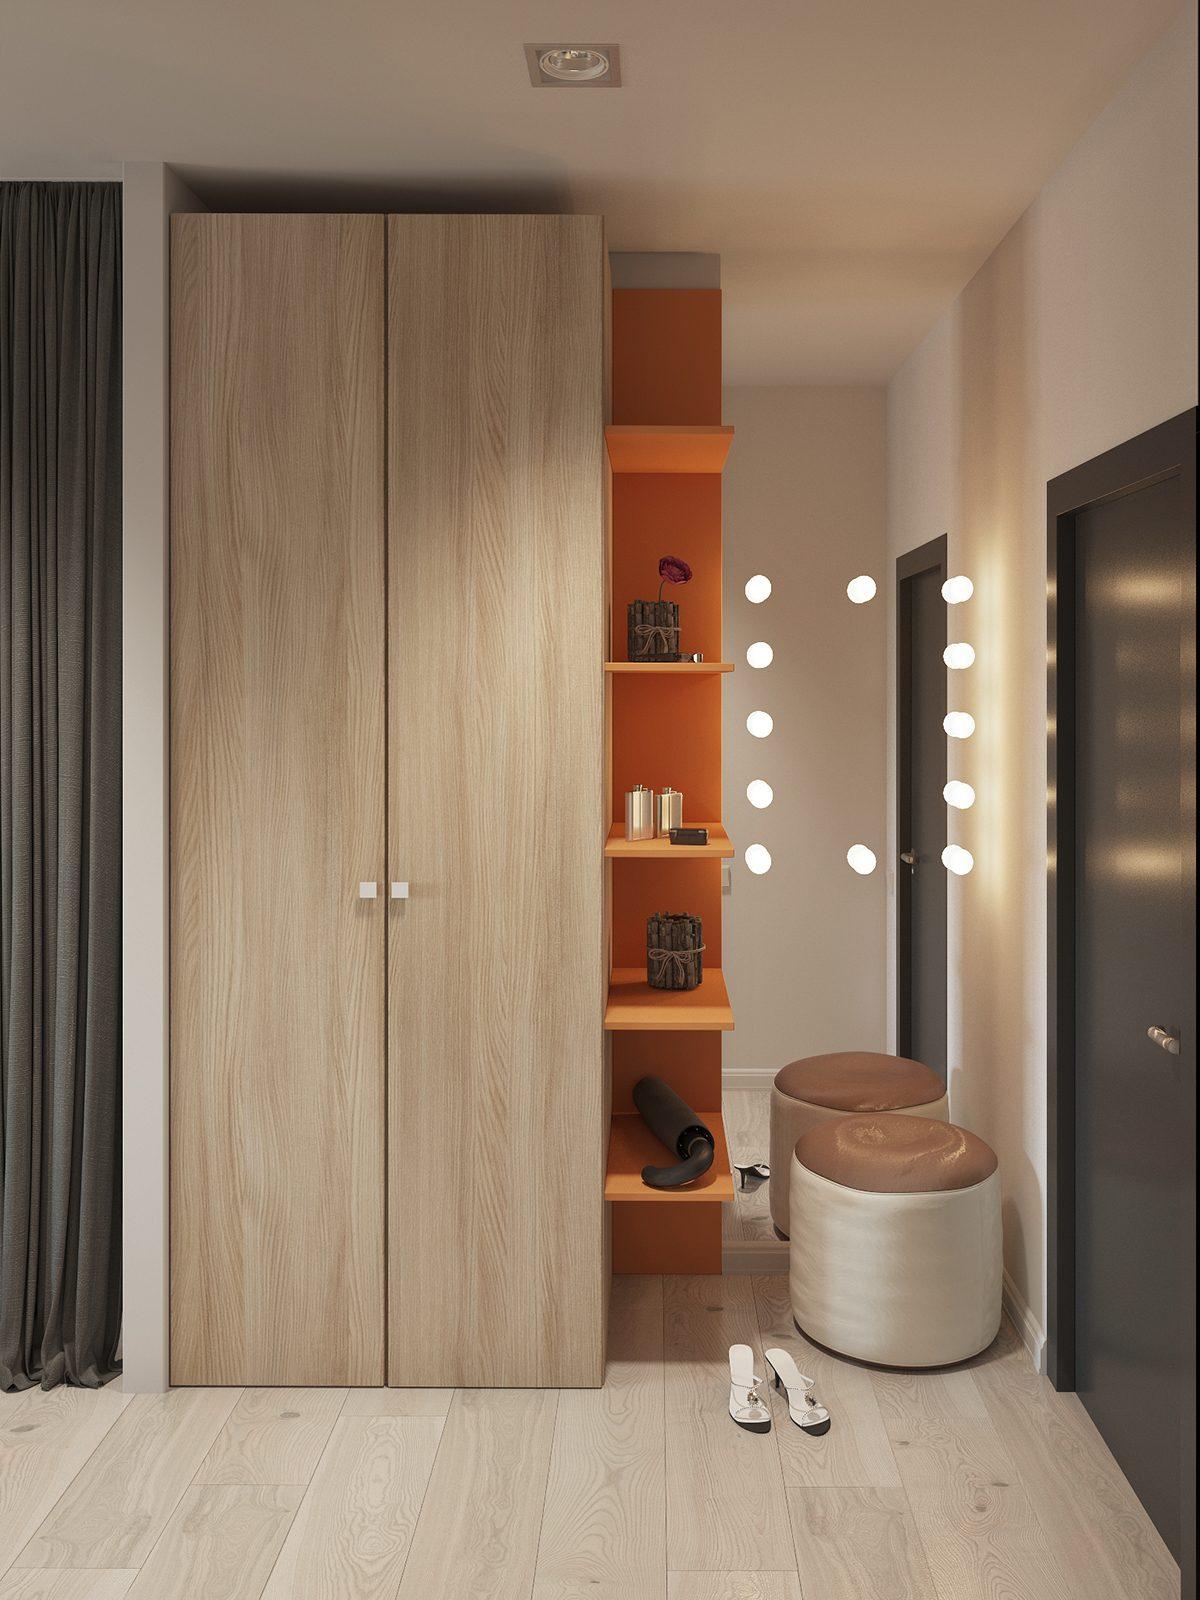 Apartment Foyer Xl : Studio apartment interior design with cute decorating